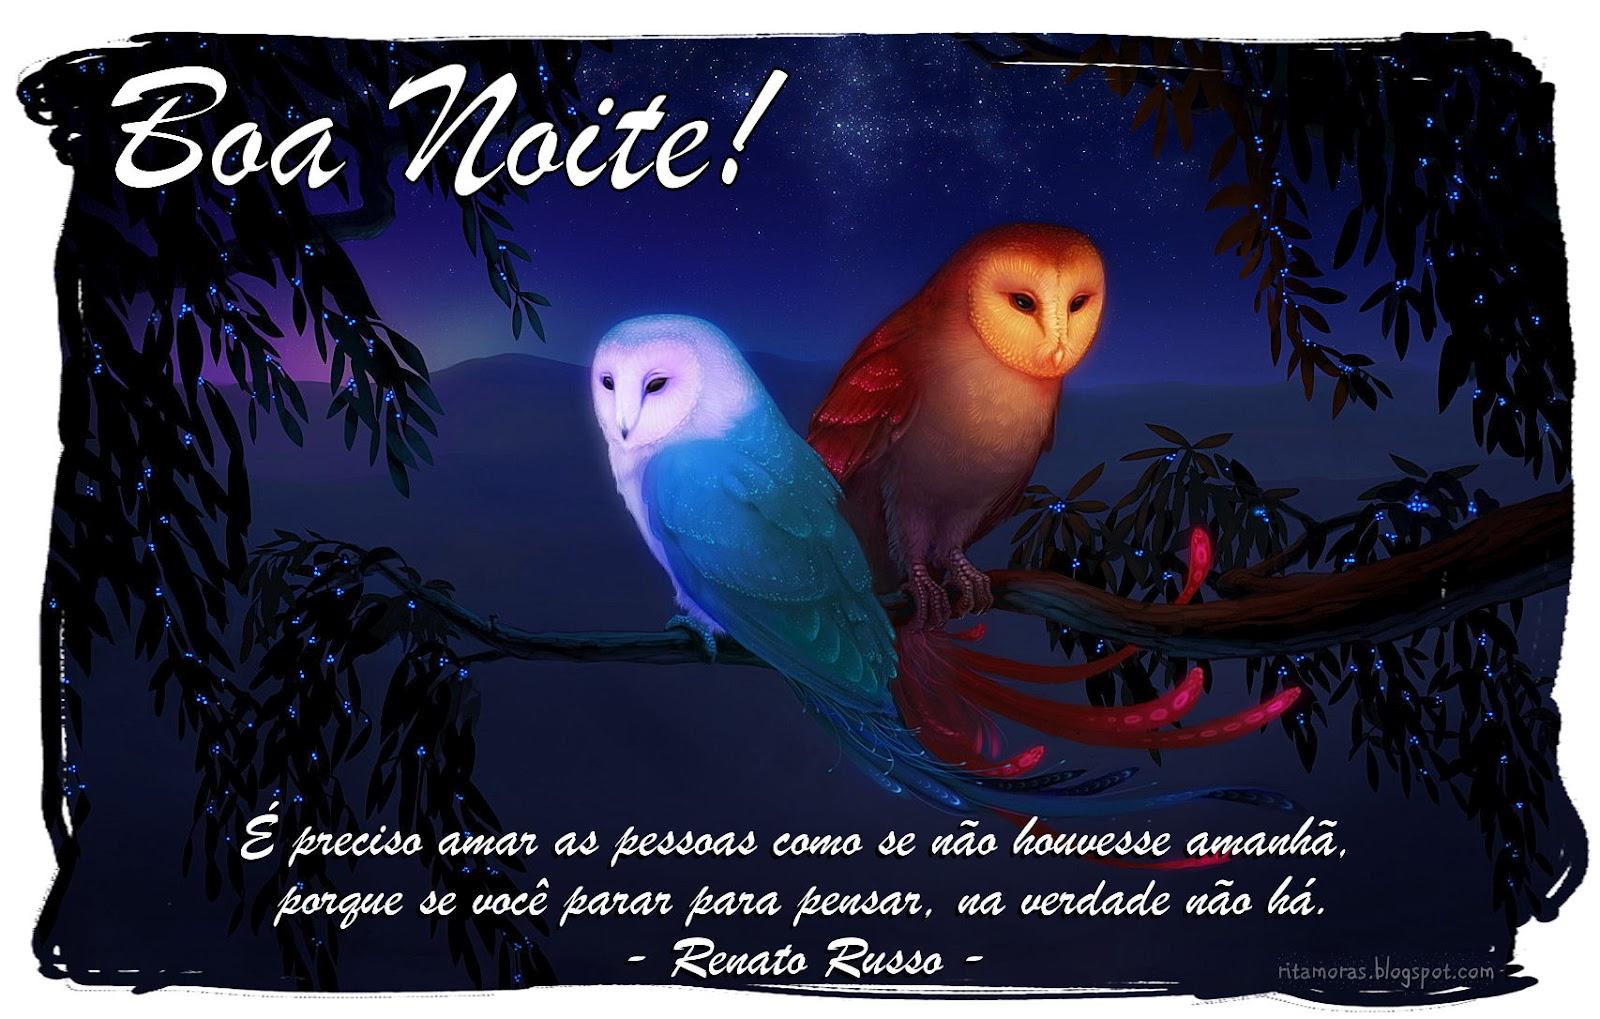 Linda S Mensagens De Boa Noite: Mensagens De Boa Noite Lindas Para Compartilhar